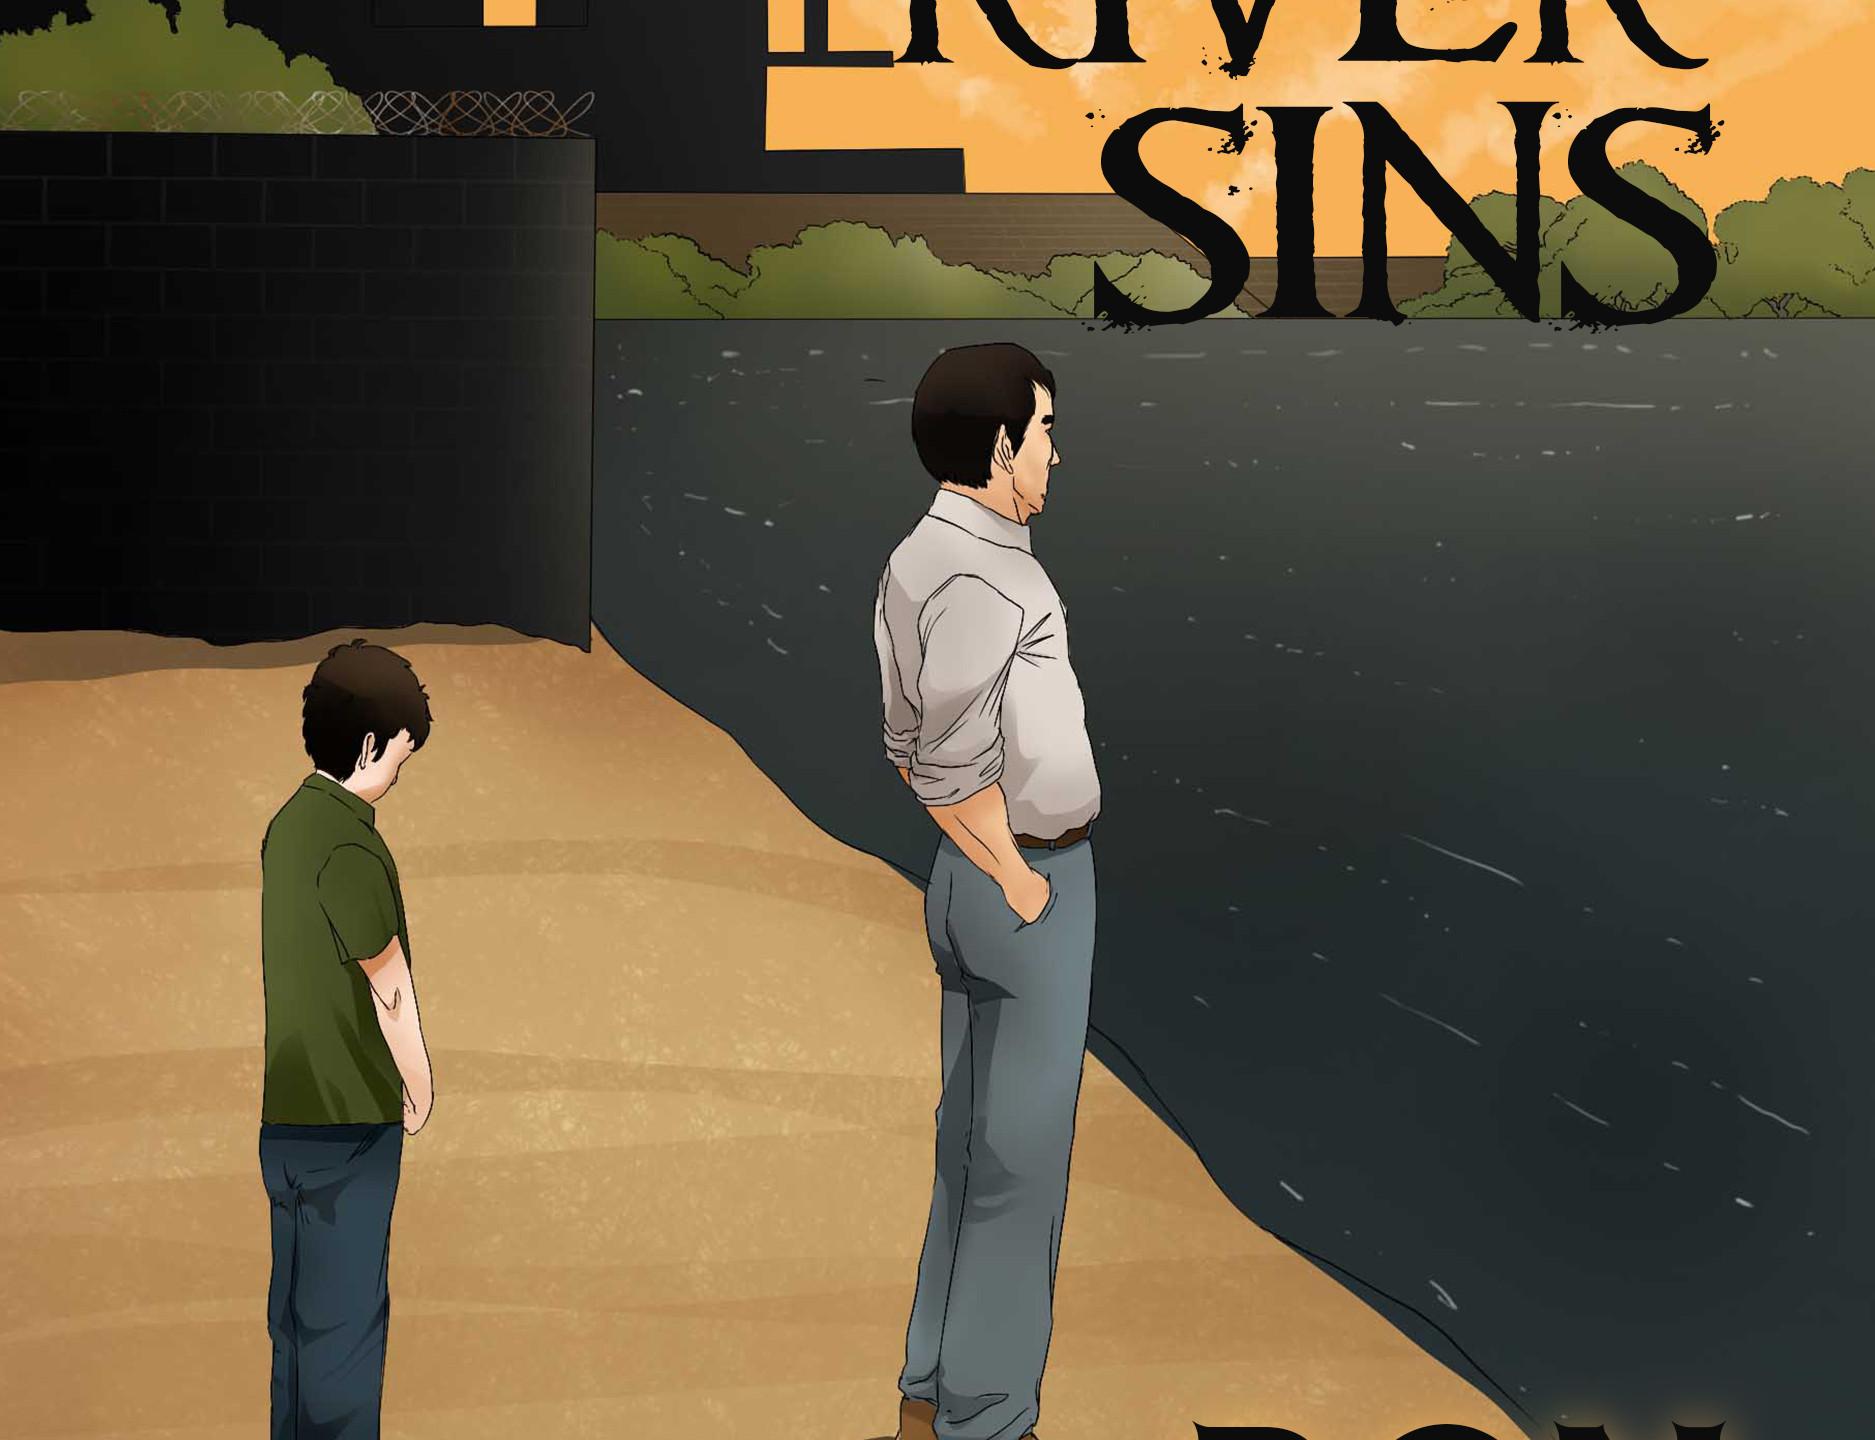 Slag River Sins